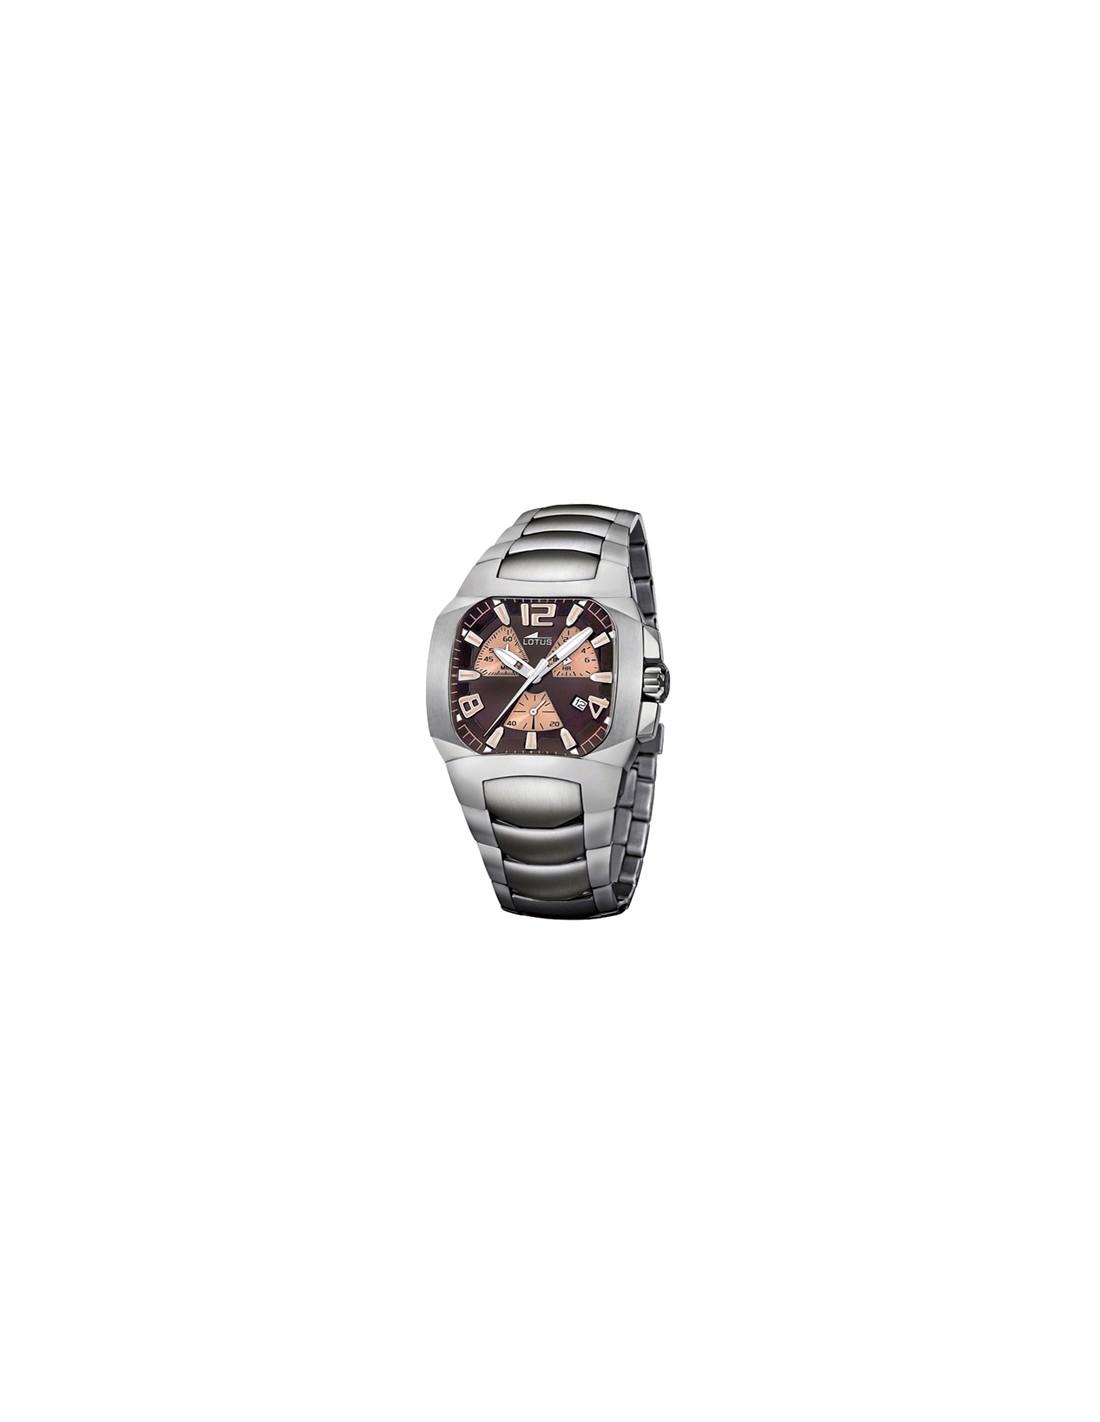 8749855de24c Reloj Lotus L15500 4